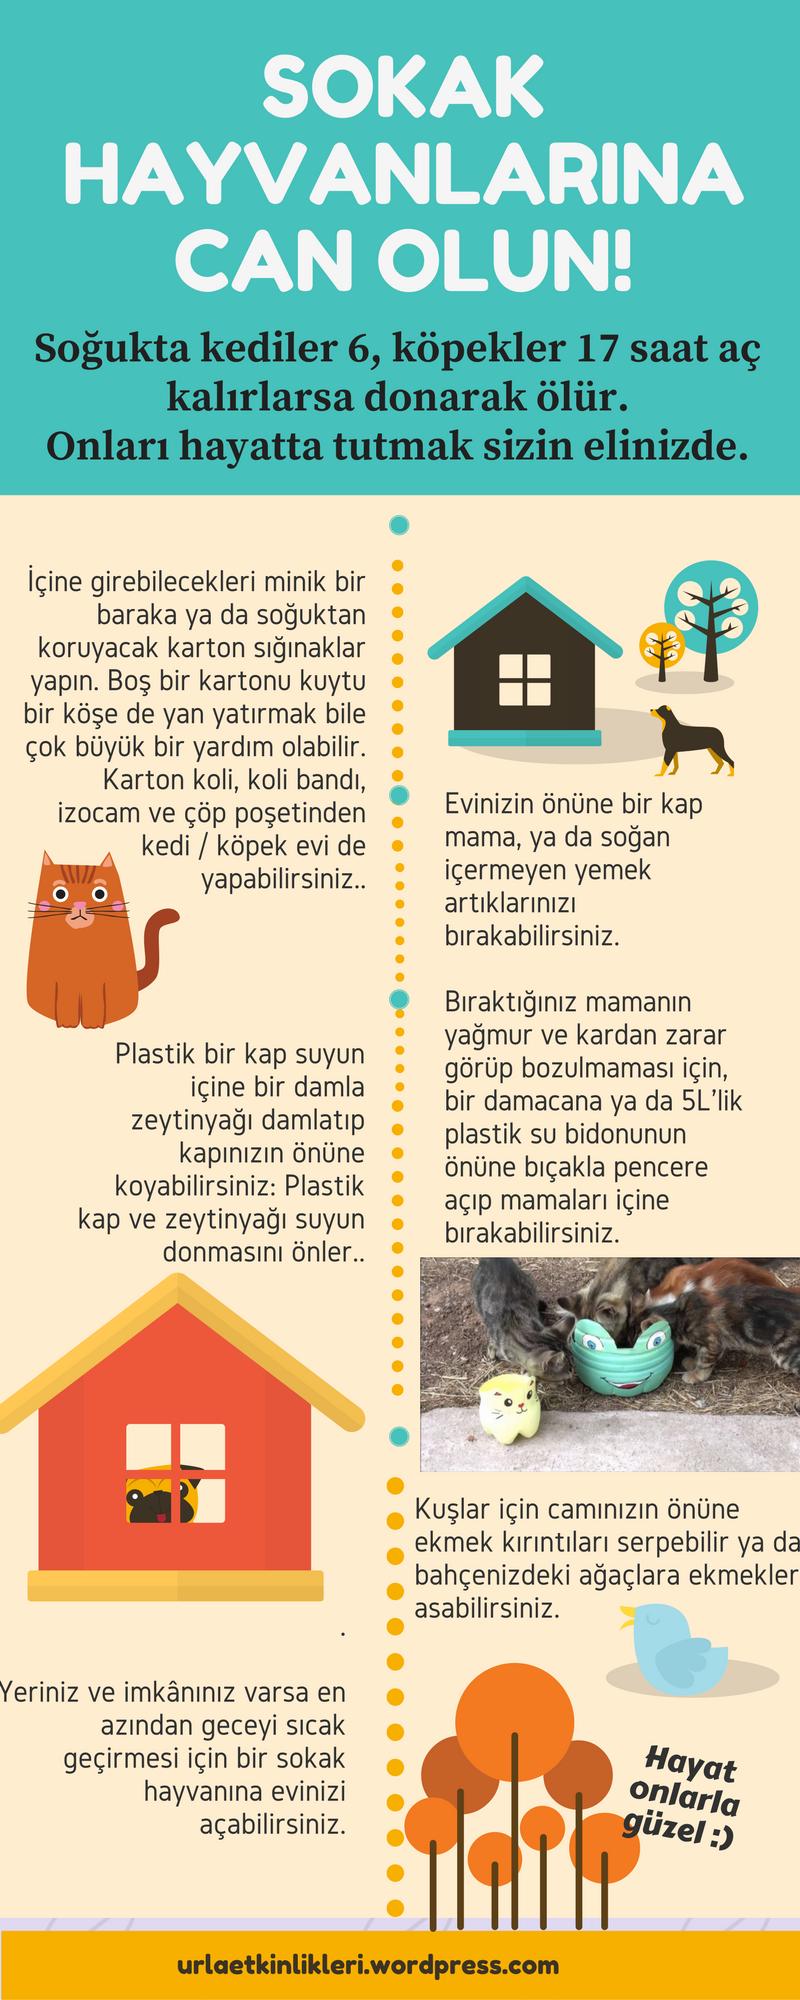 soguk-havada-sokak-hayvanlari-icin-neler-yapilmali-infografik